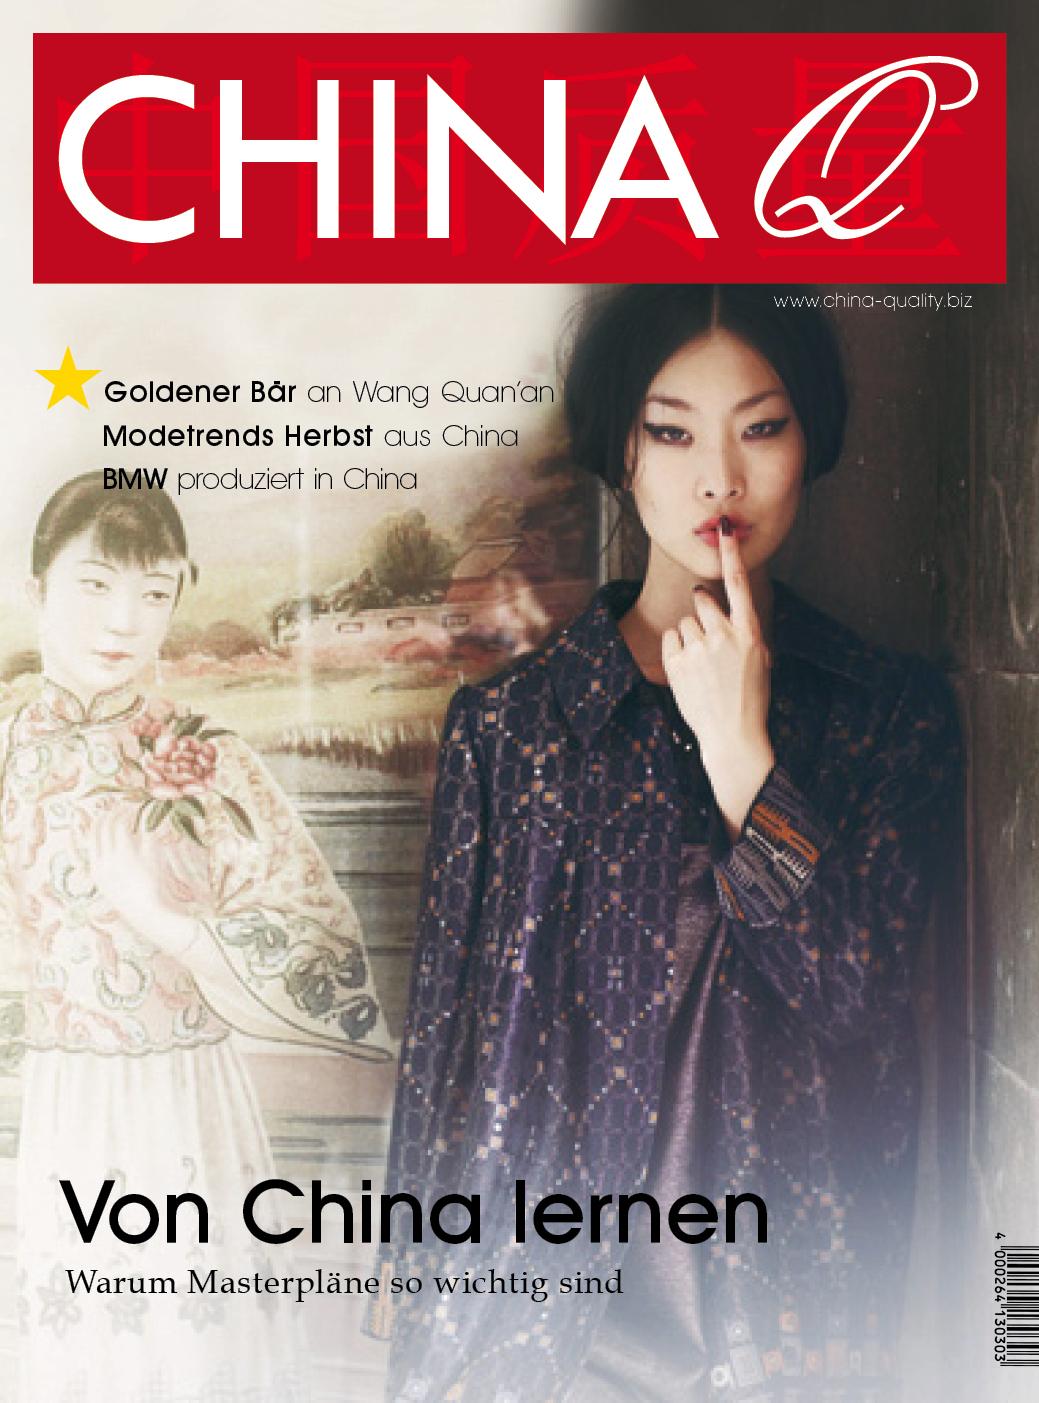 ChinaQ_Innenteil2